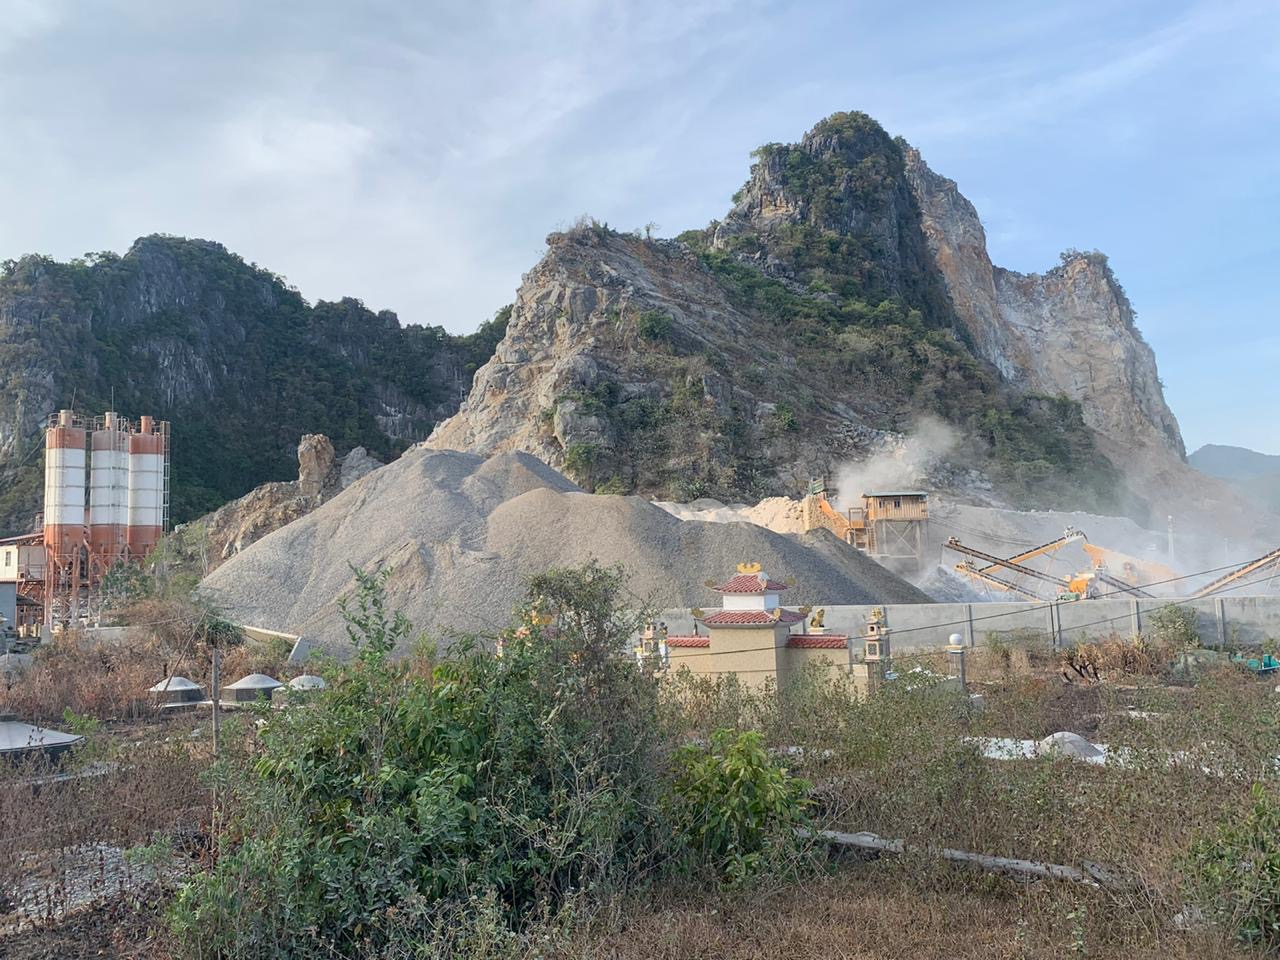 Mỏ đá tại Quảng Bình đe doa sinh cảnh của quần thể voọc.